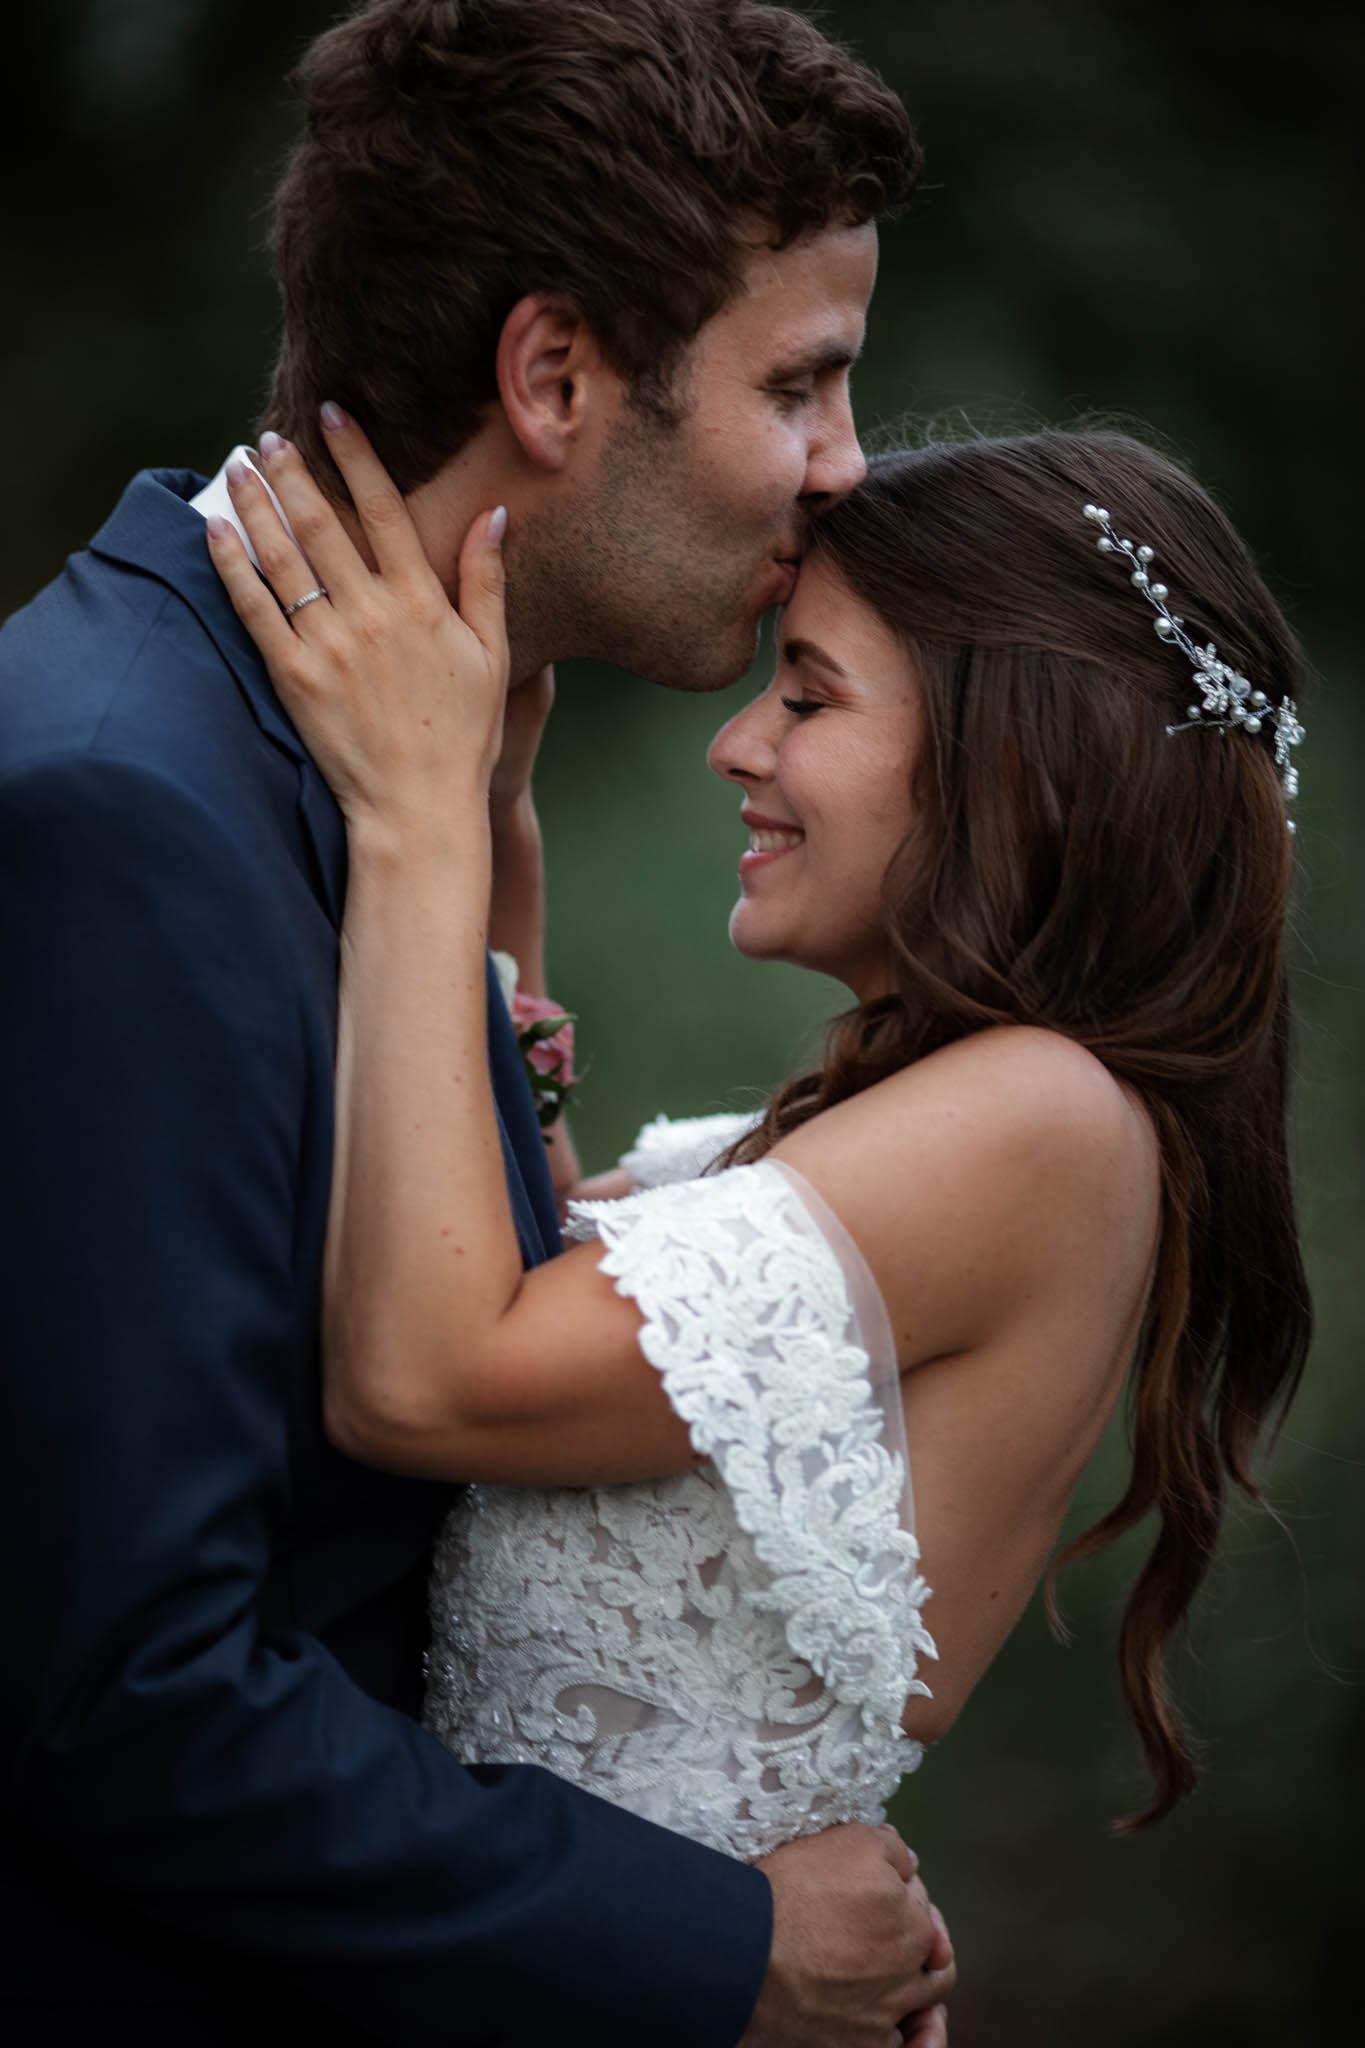 Als Hochzeitsfotograf im Weingewölbe San Martin in Bermersheim 54